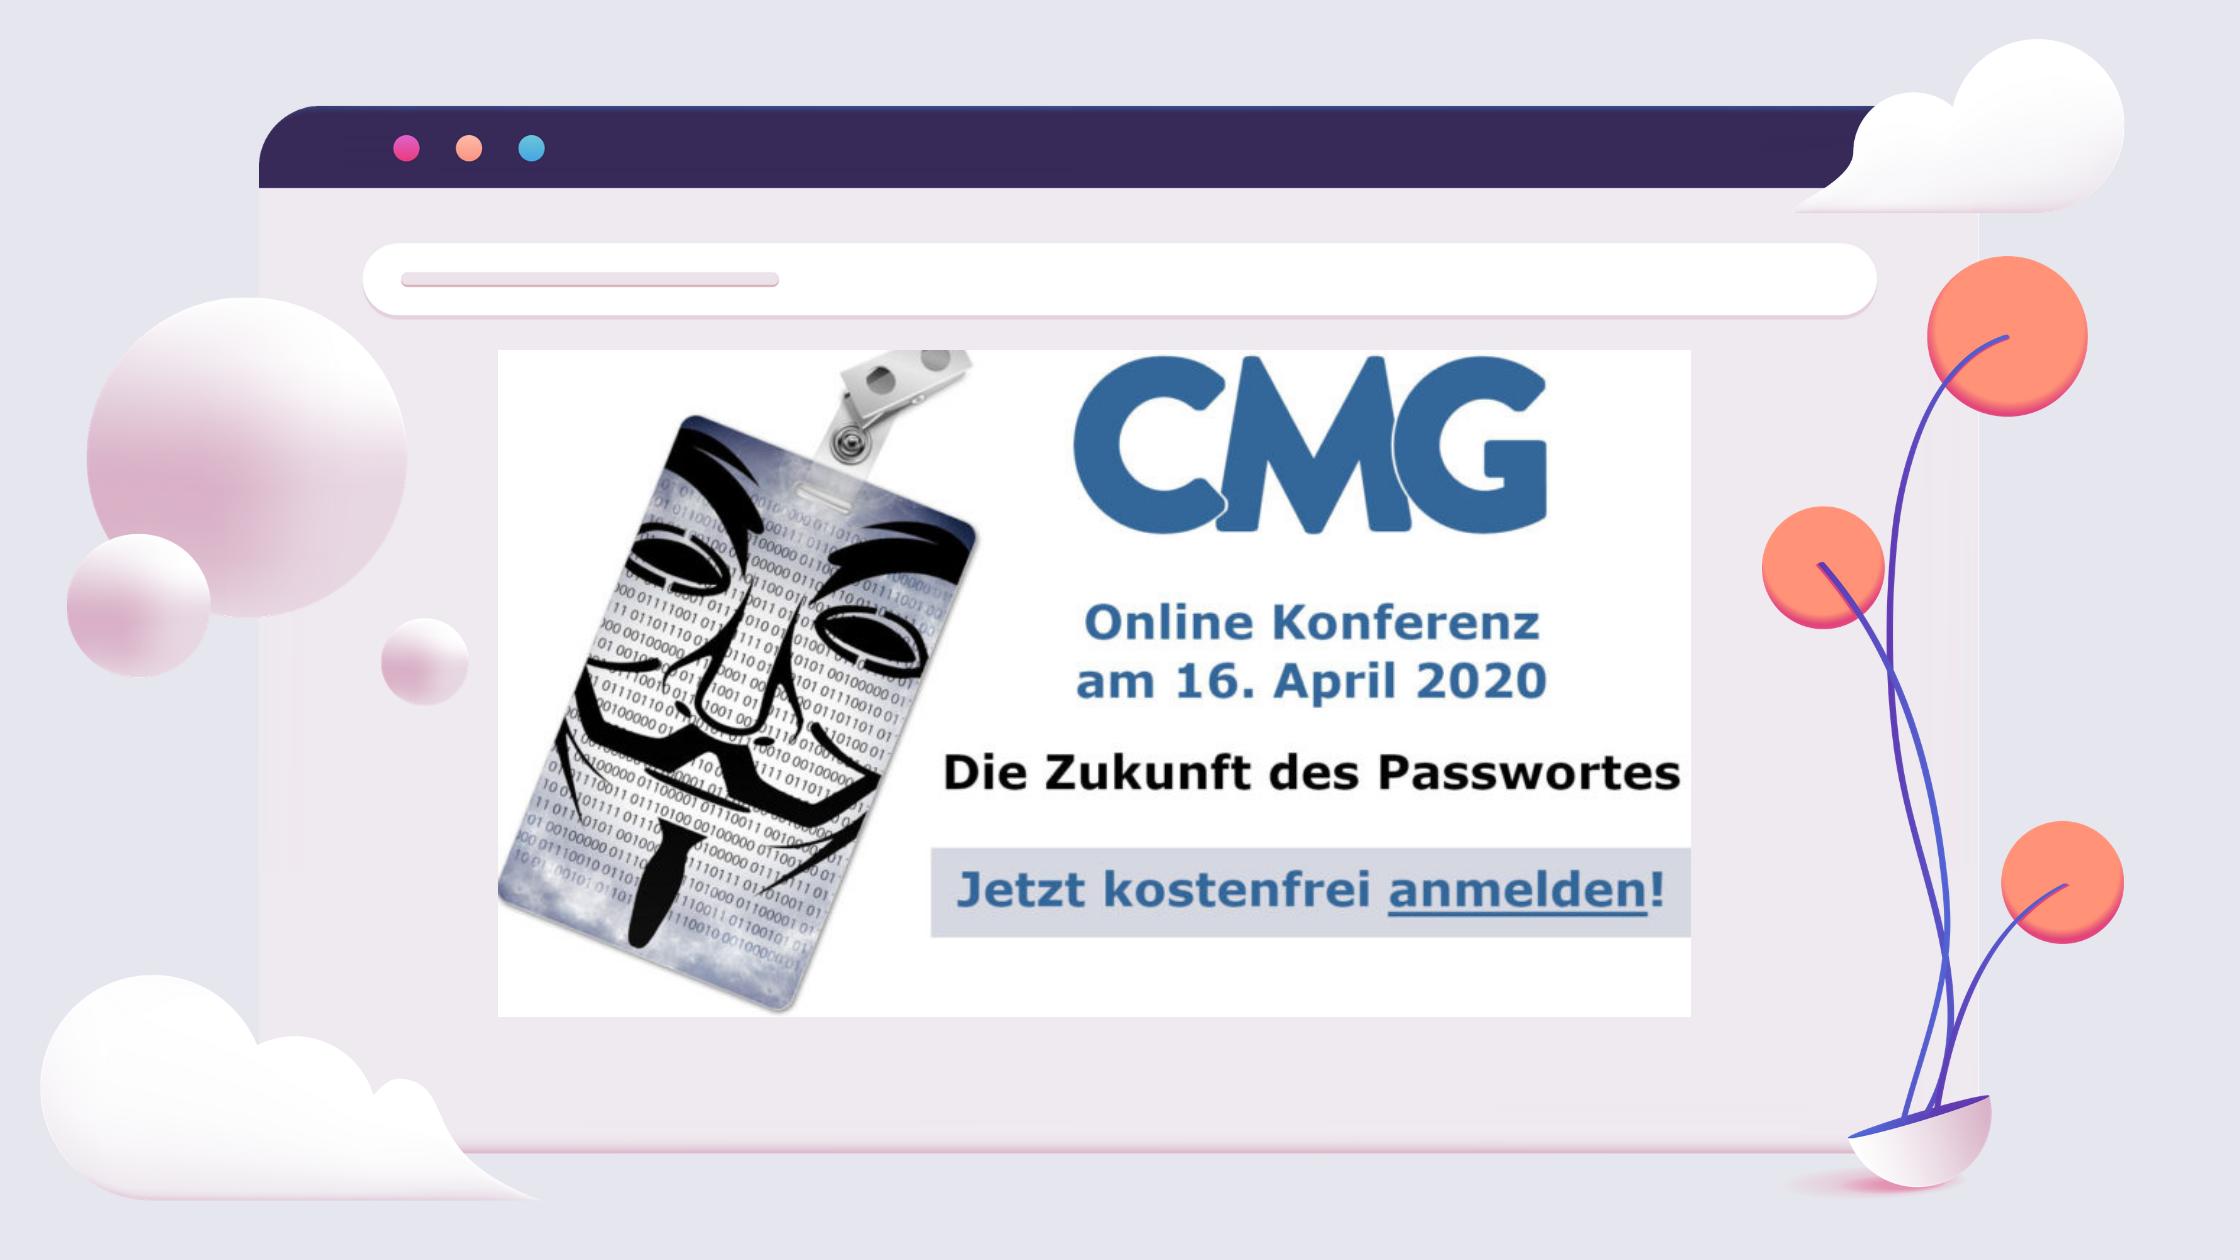 """CMG Online Konferenz """"Die Zukunft des Passwortes"""""""